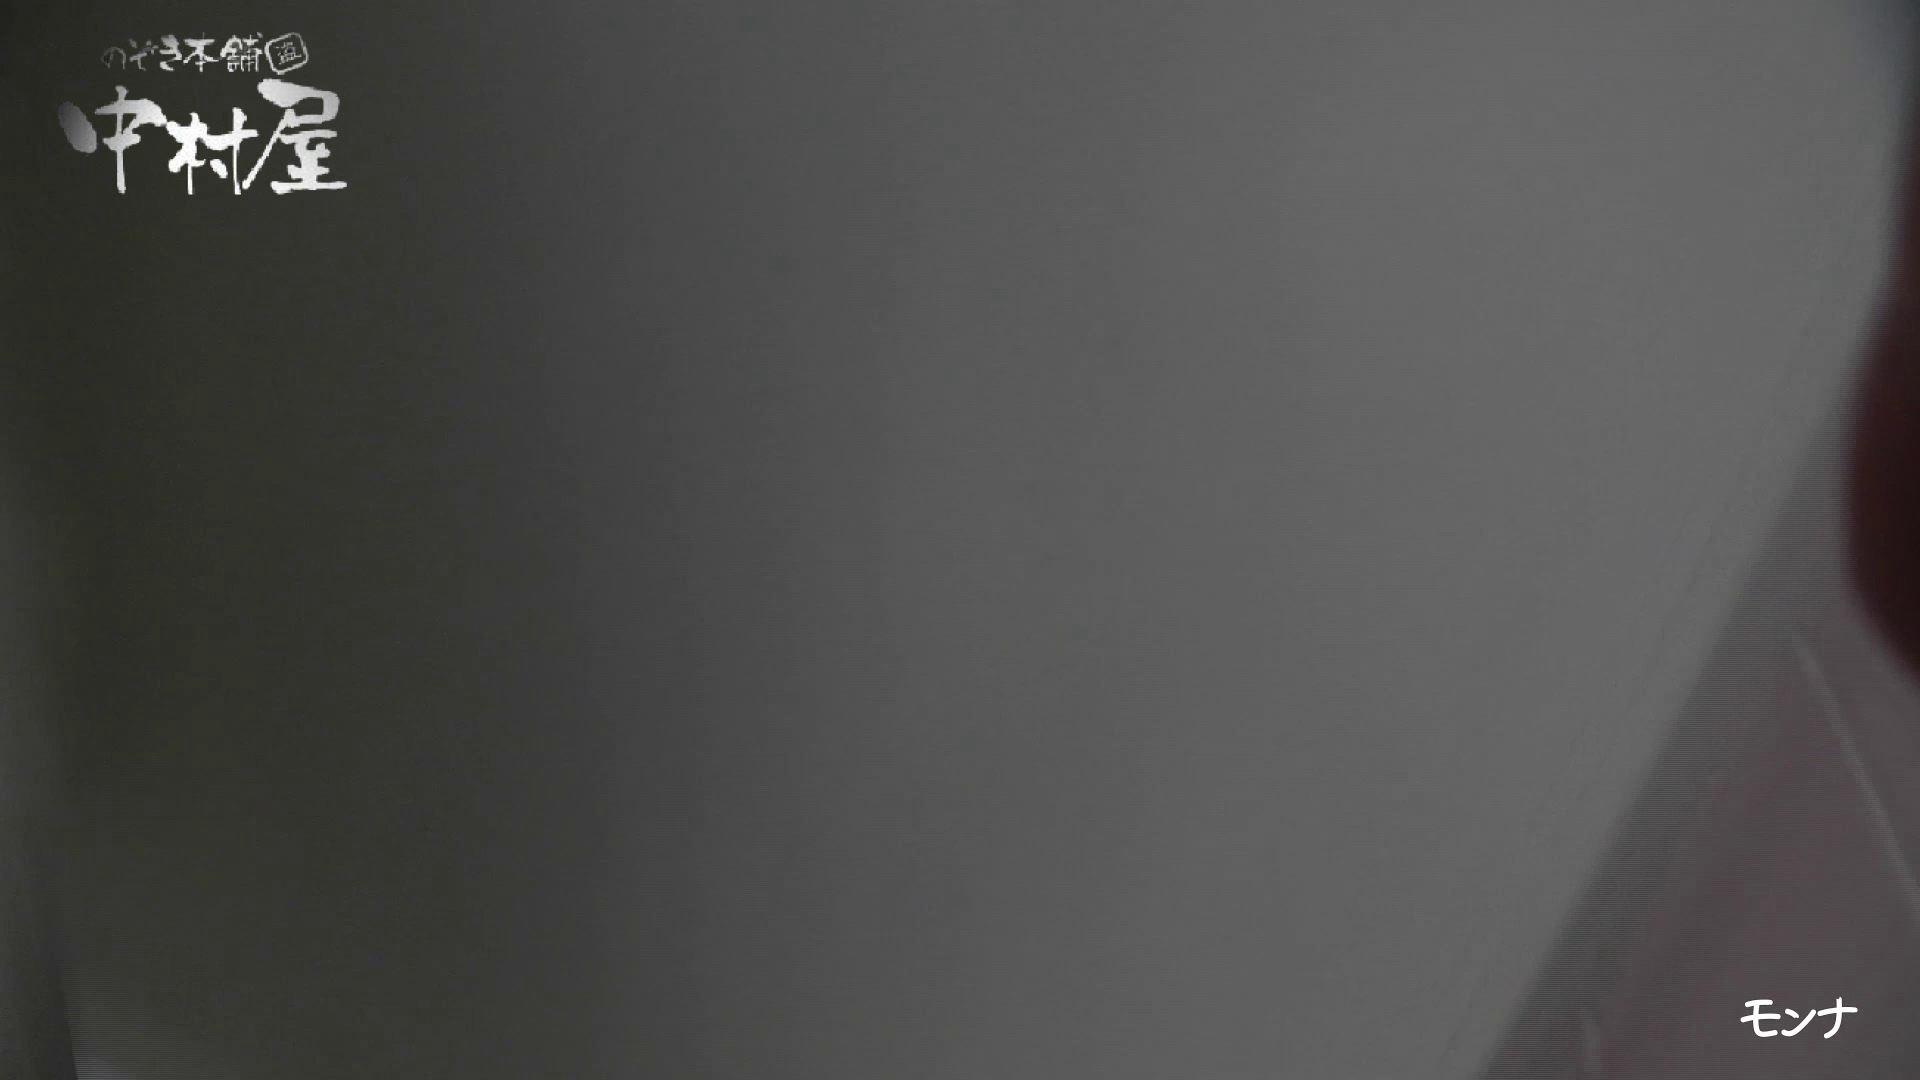 【美しい日本の未来】美しい日本の未来 No.38 久しぶり、復活しようかなあ?^^ by モンナ おまんこ特別編 | 超エロギャル  83枚 56